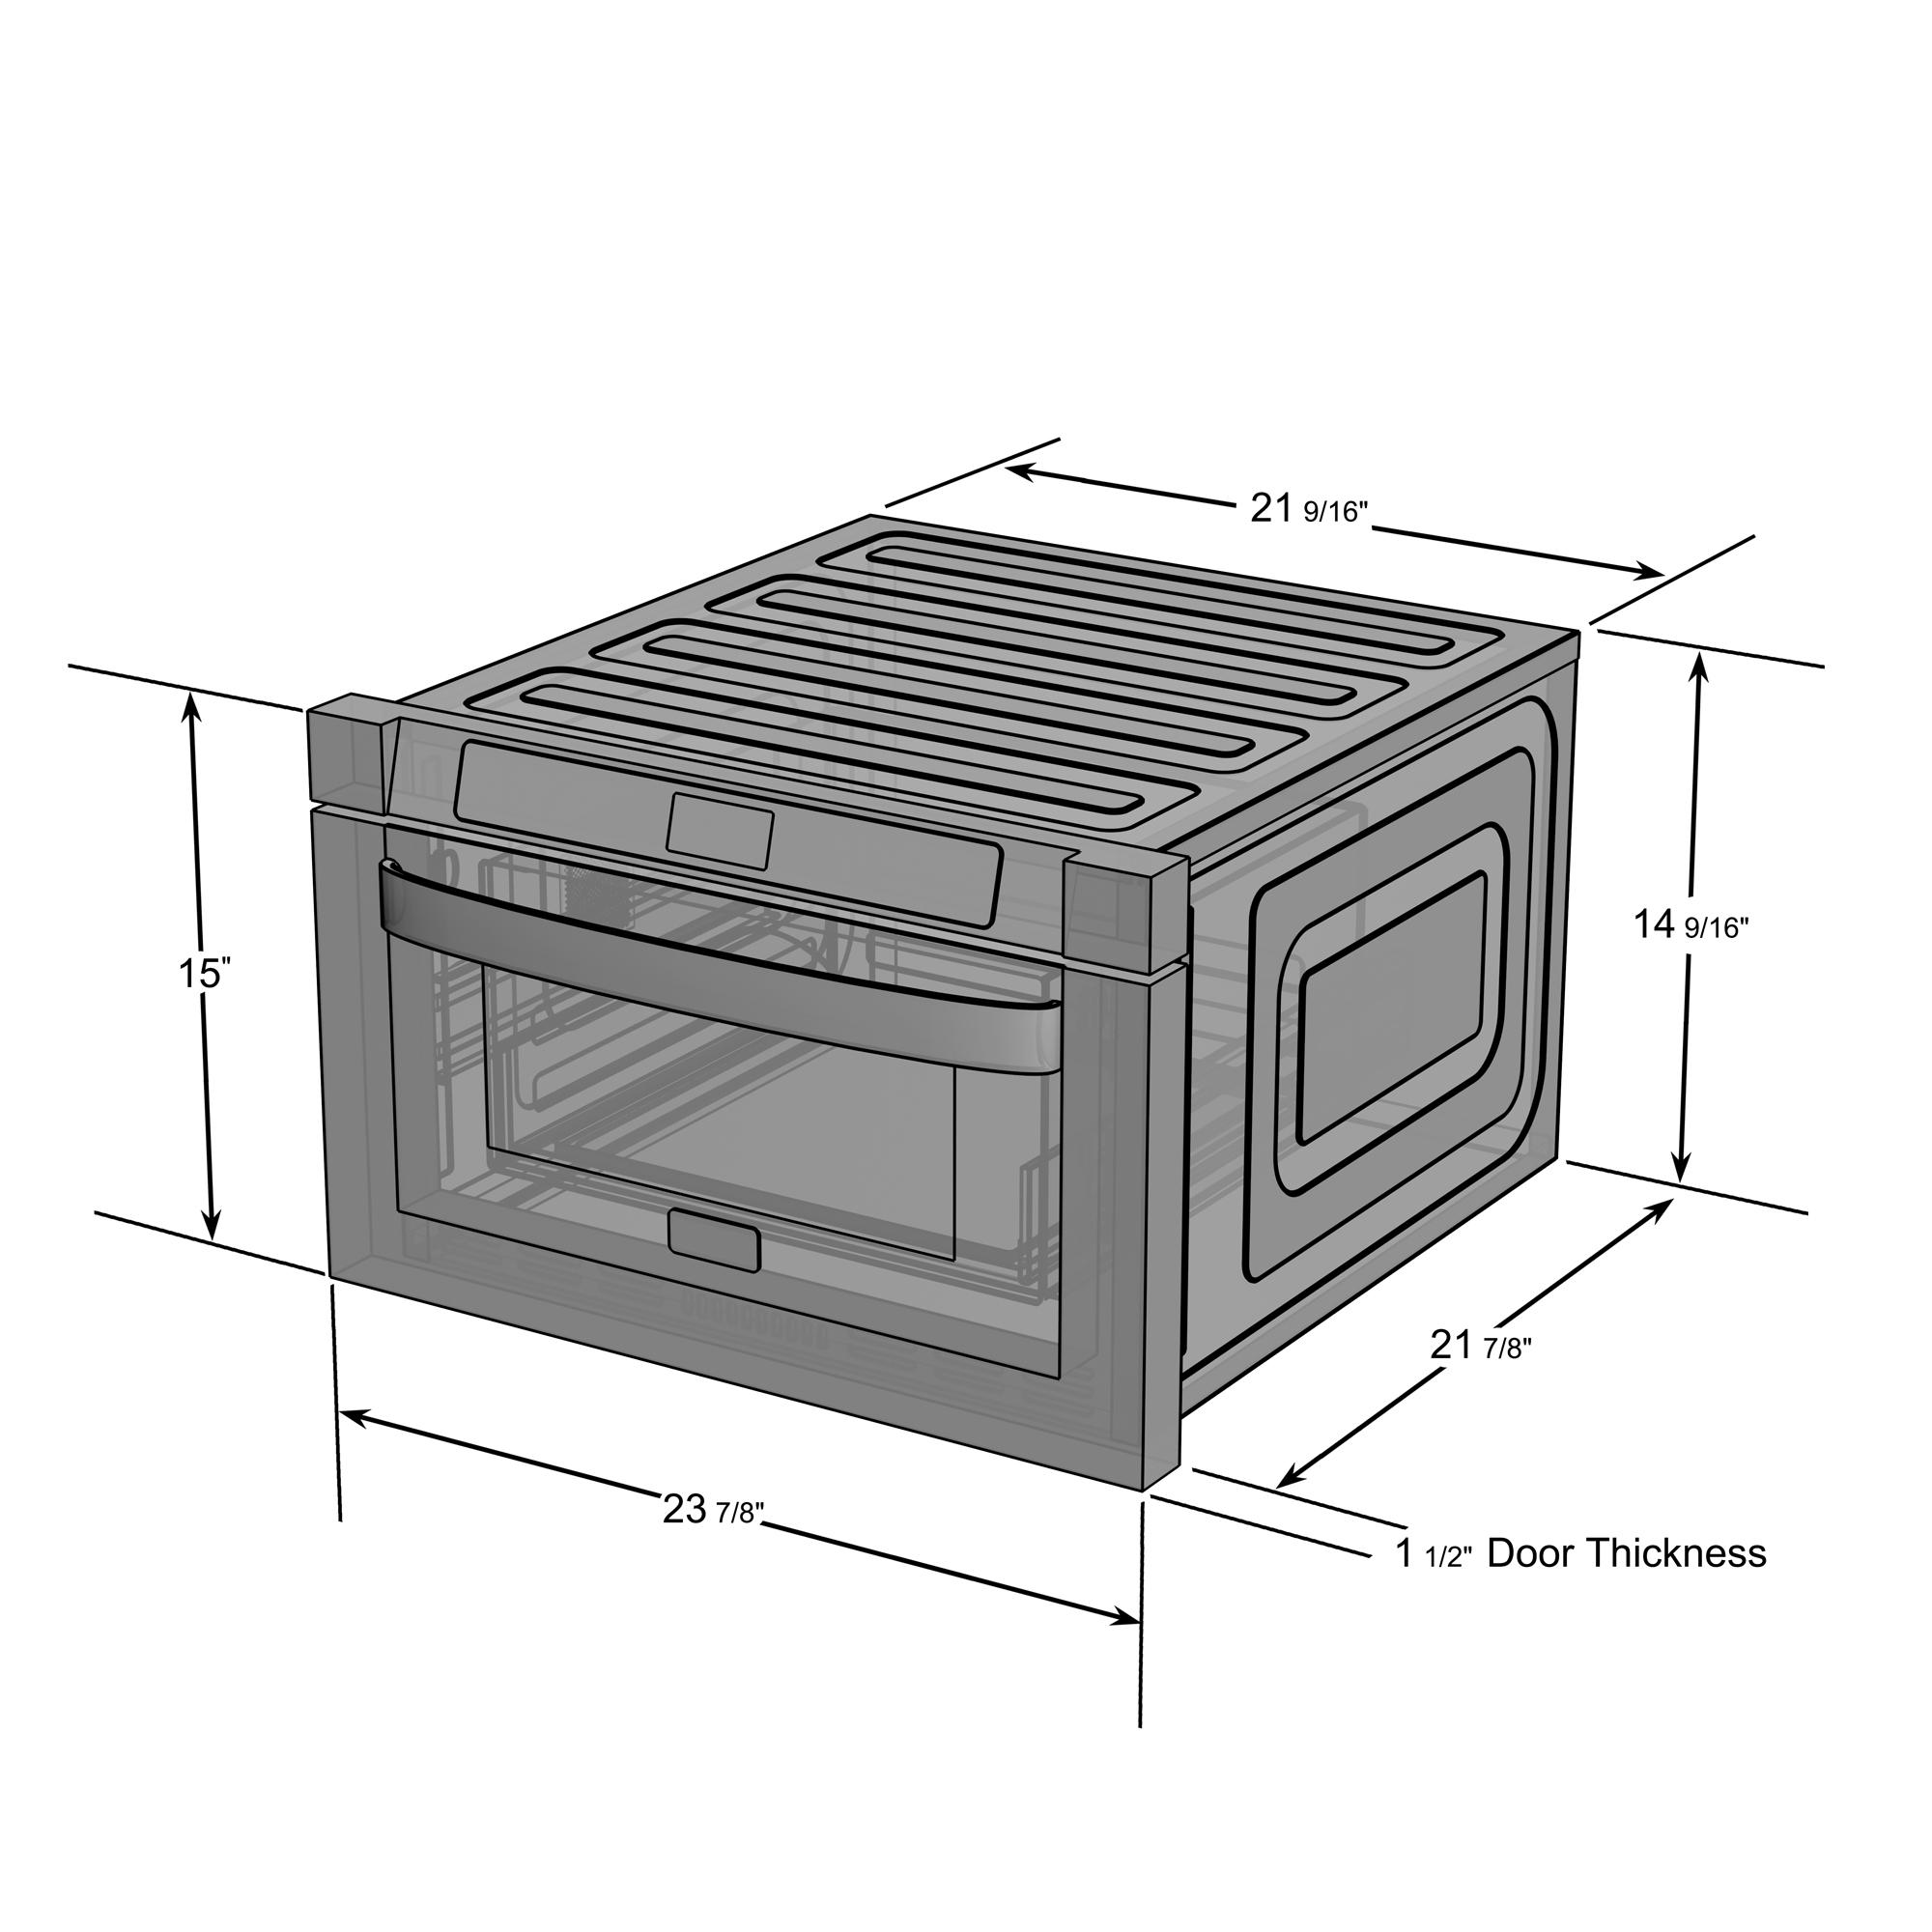 Microwave_Drawer_Dimensions.jpg